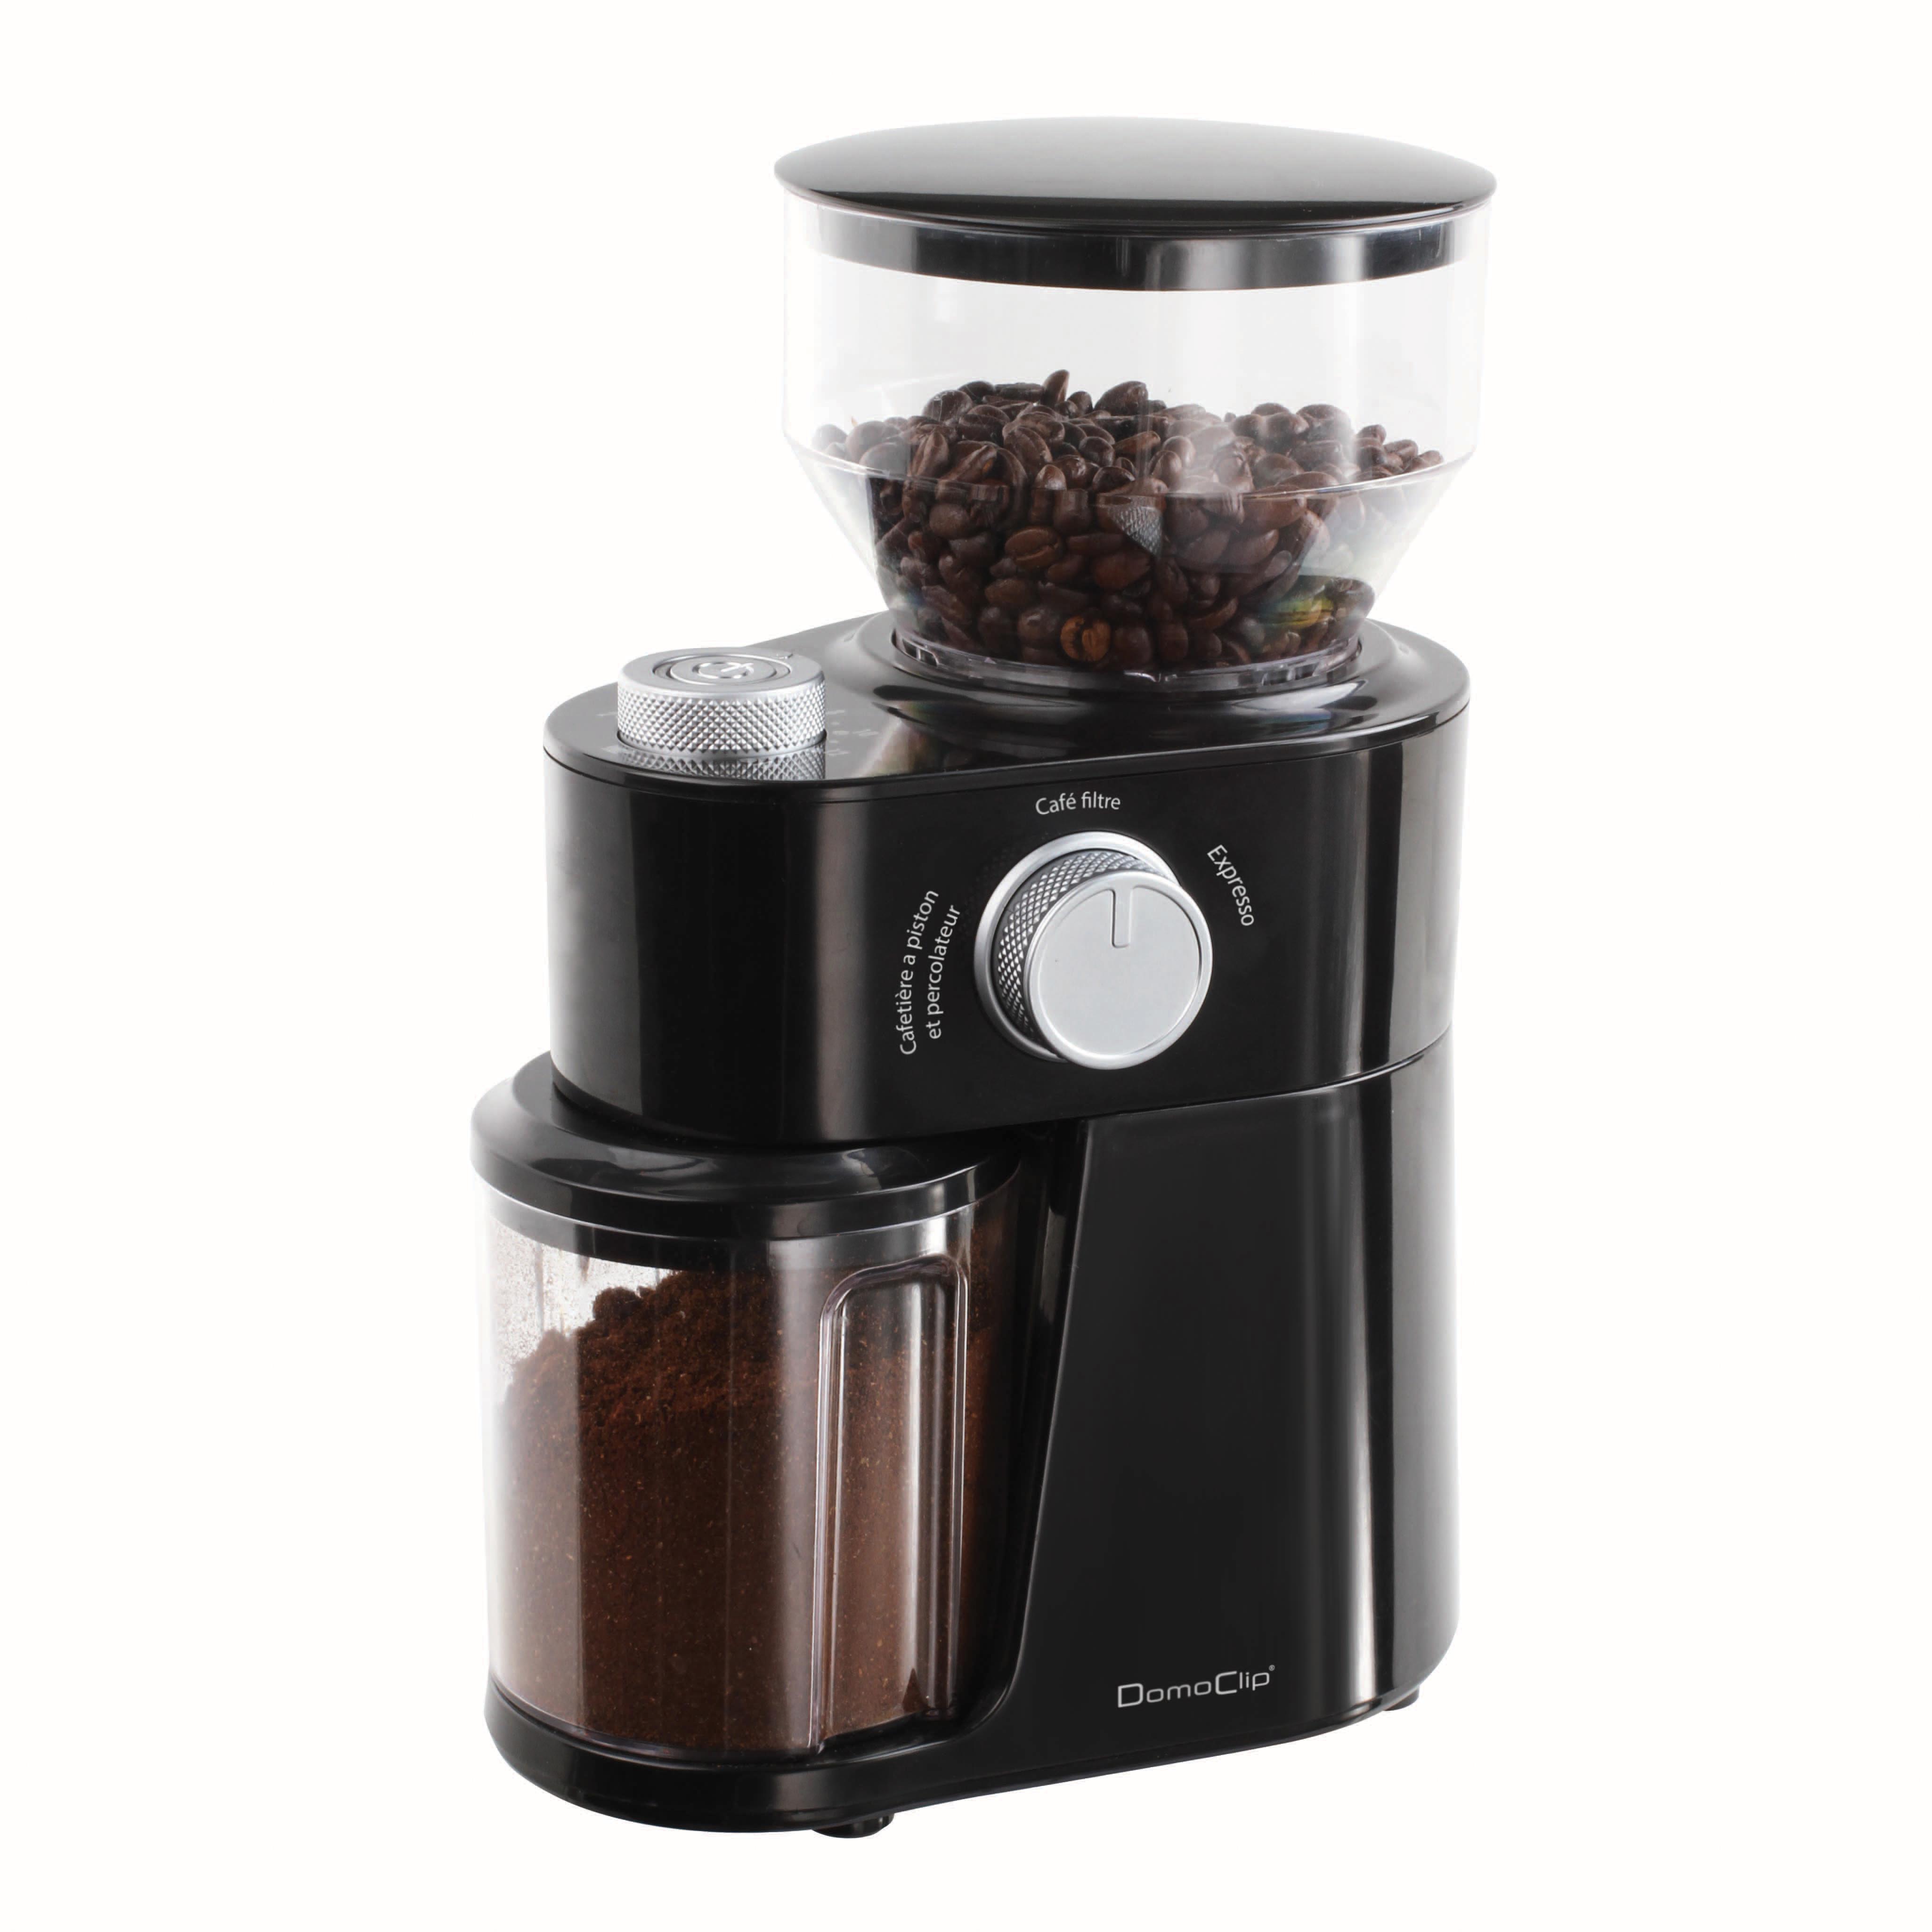 domoclip moulin caf lectrique dod158 pas cher. Black Bedroom Furniture Sets. Home Design Ideas